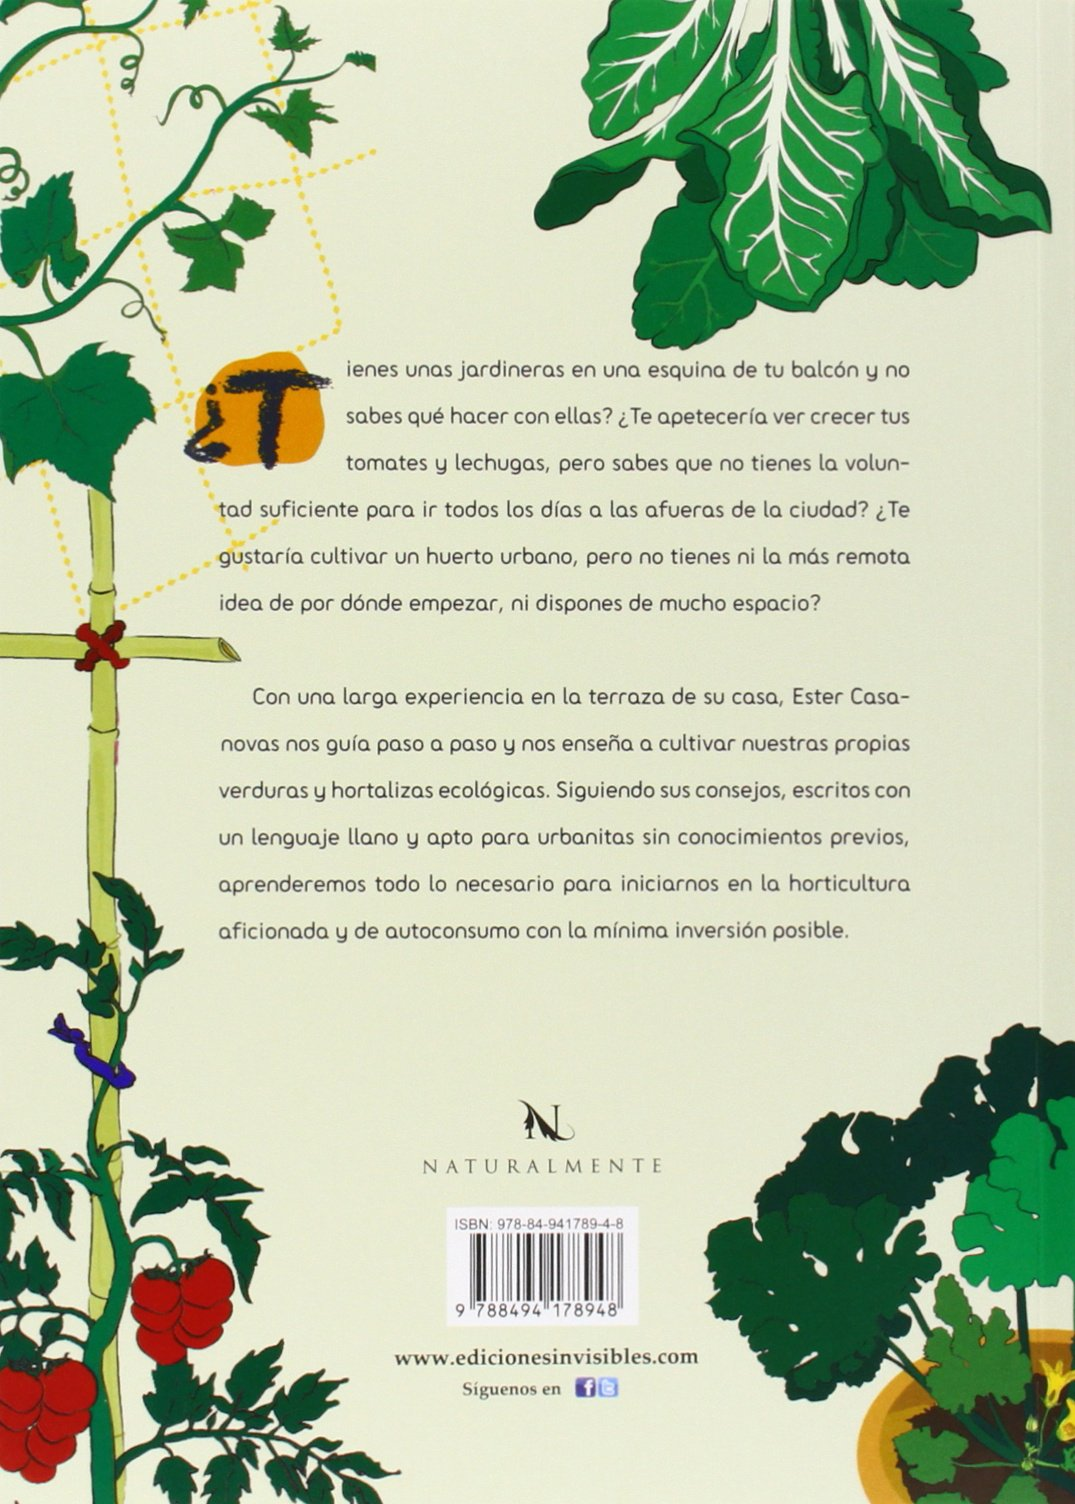 Hortelanos De Ciudad: Manual ilustrado para cultivar un huerto en ...